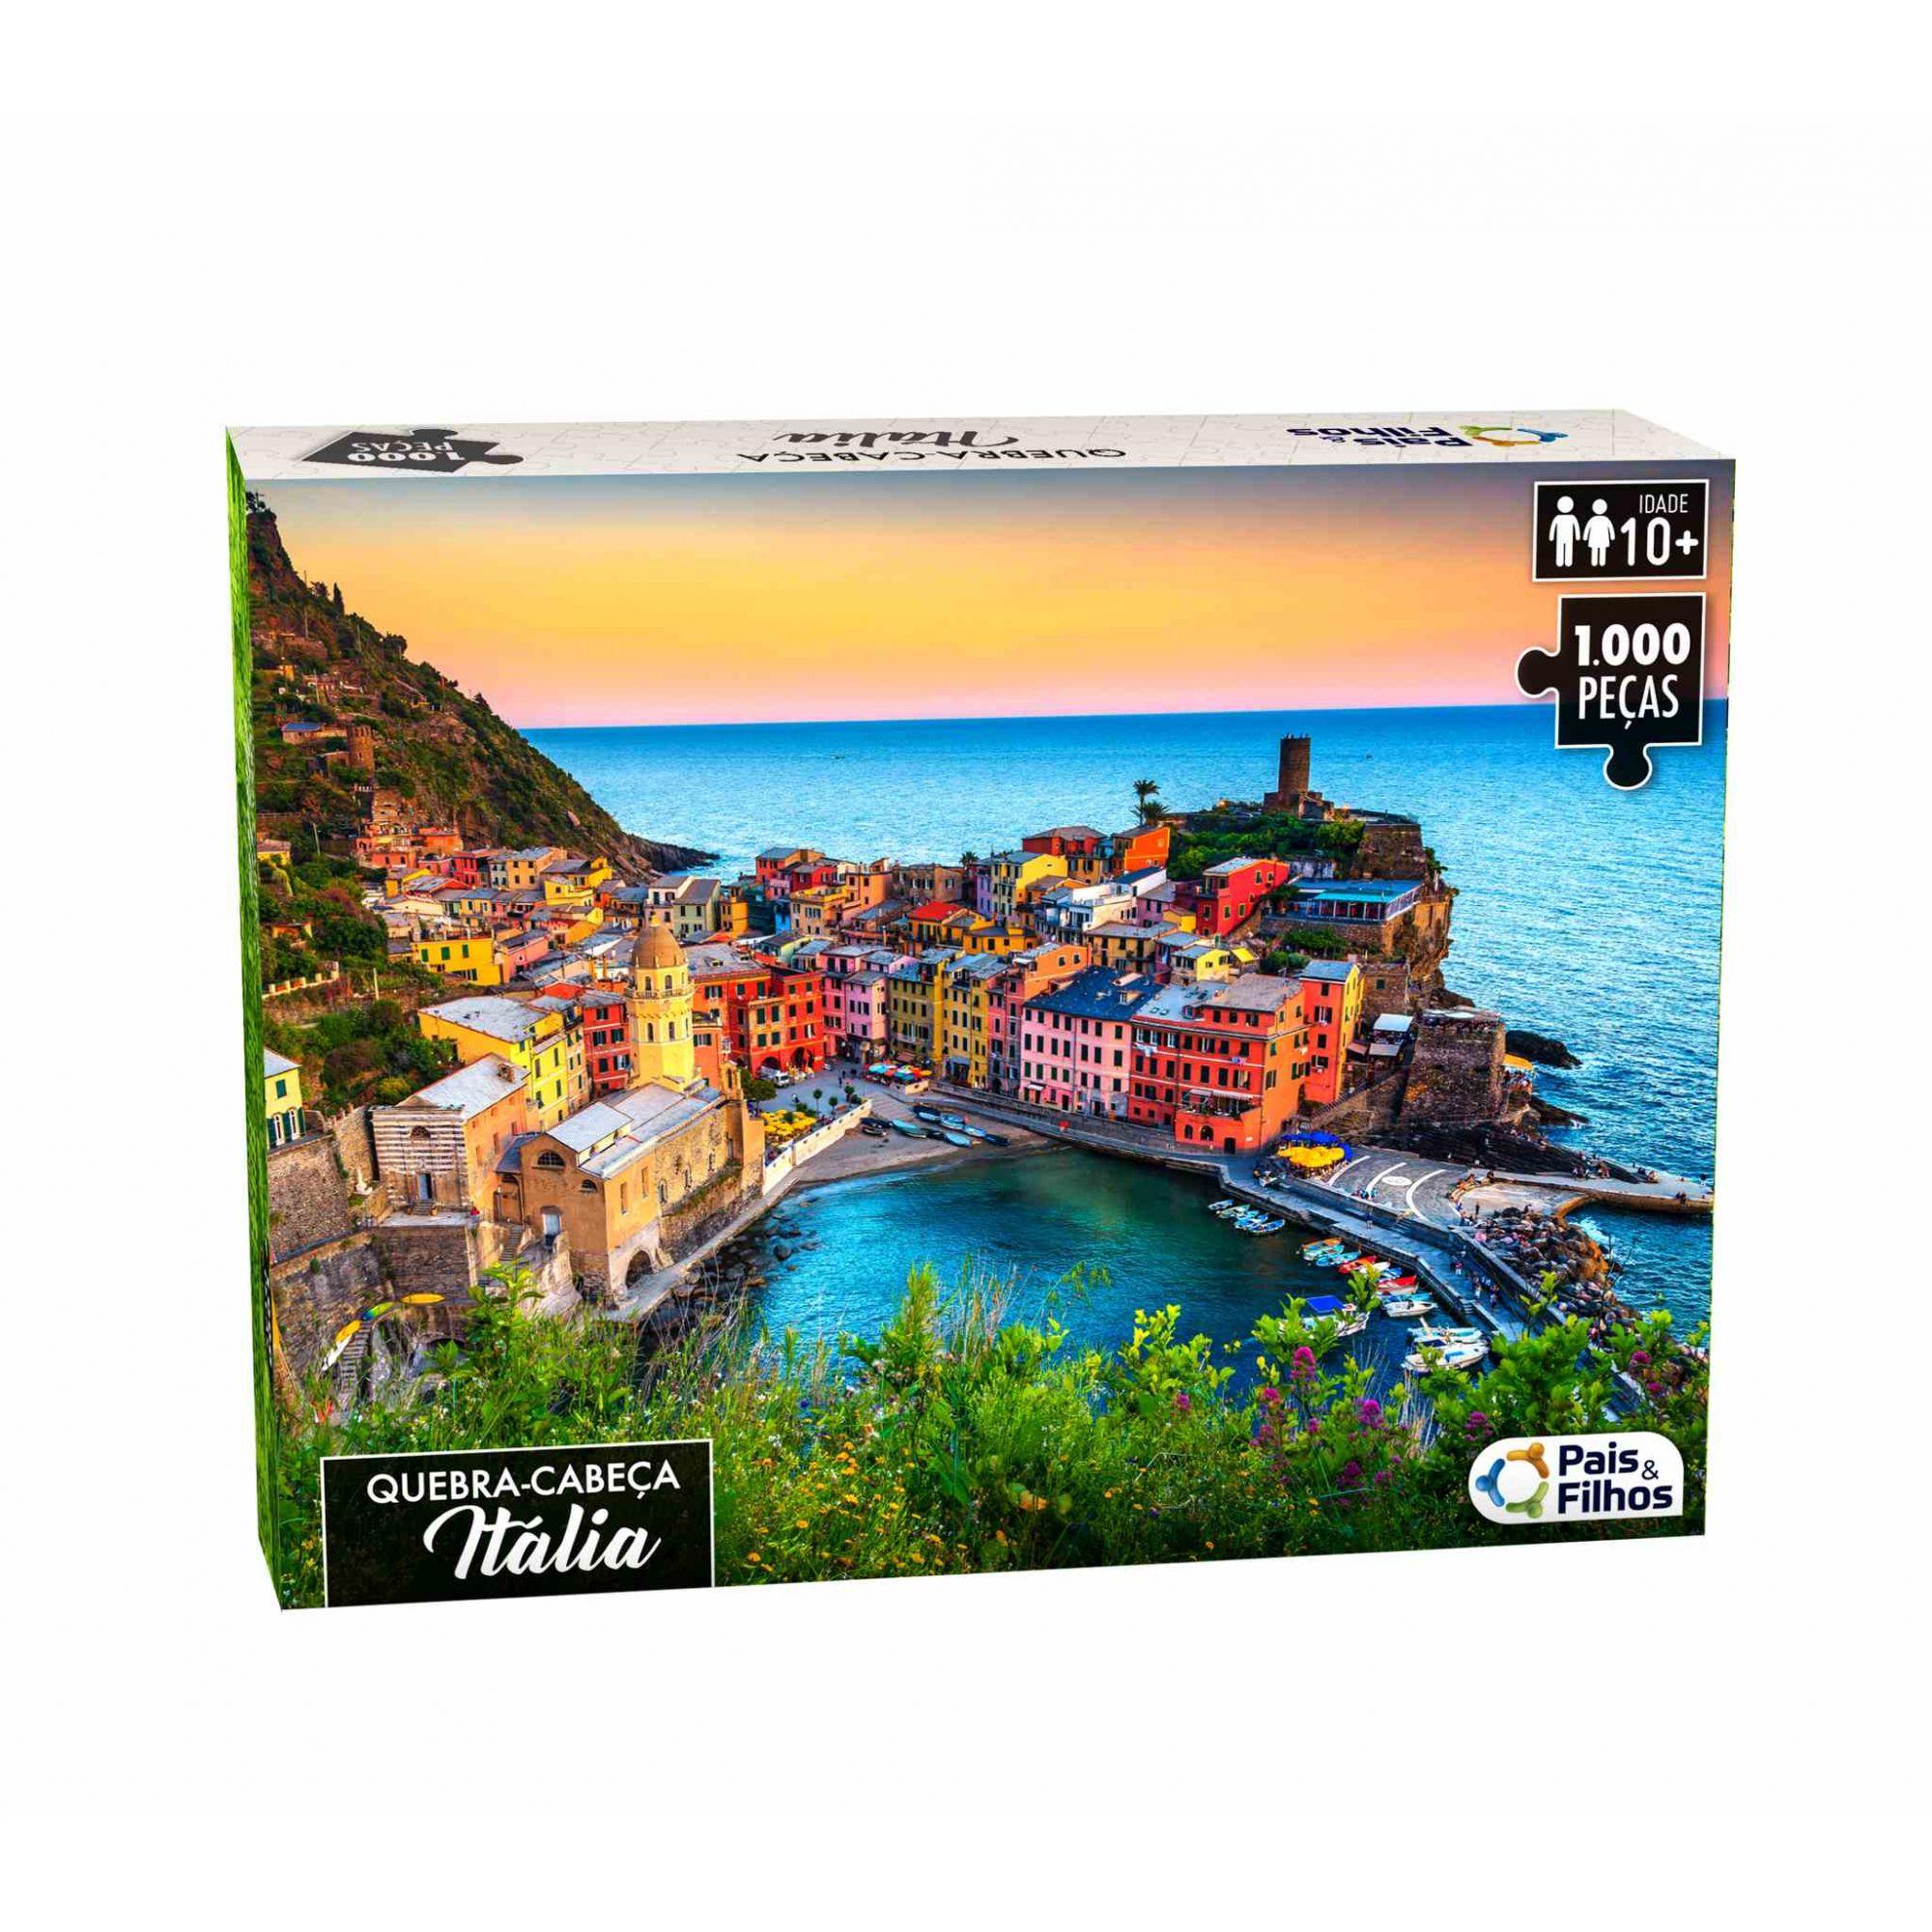 Quebra Cabeça Itália 1000 Peças - Pais e Filhos 0963